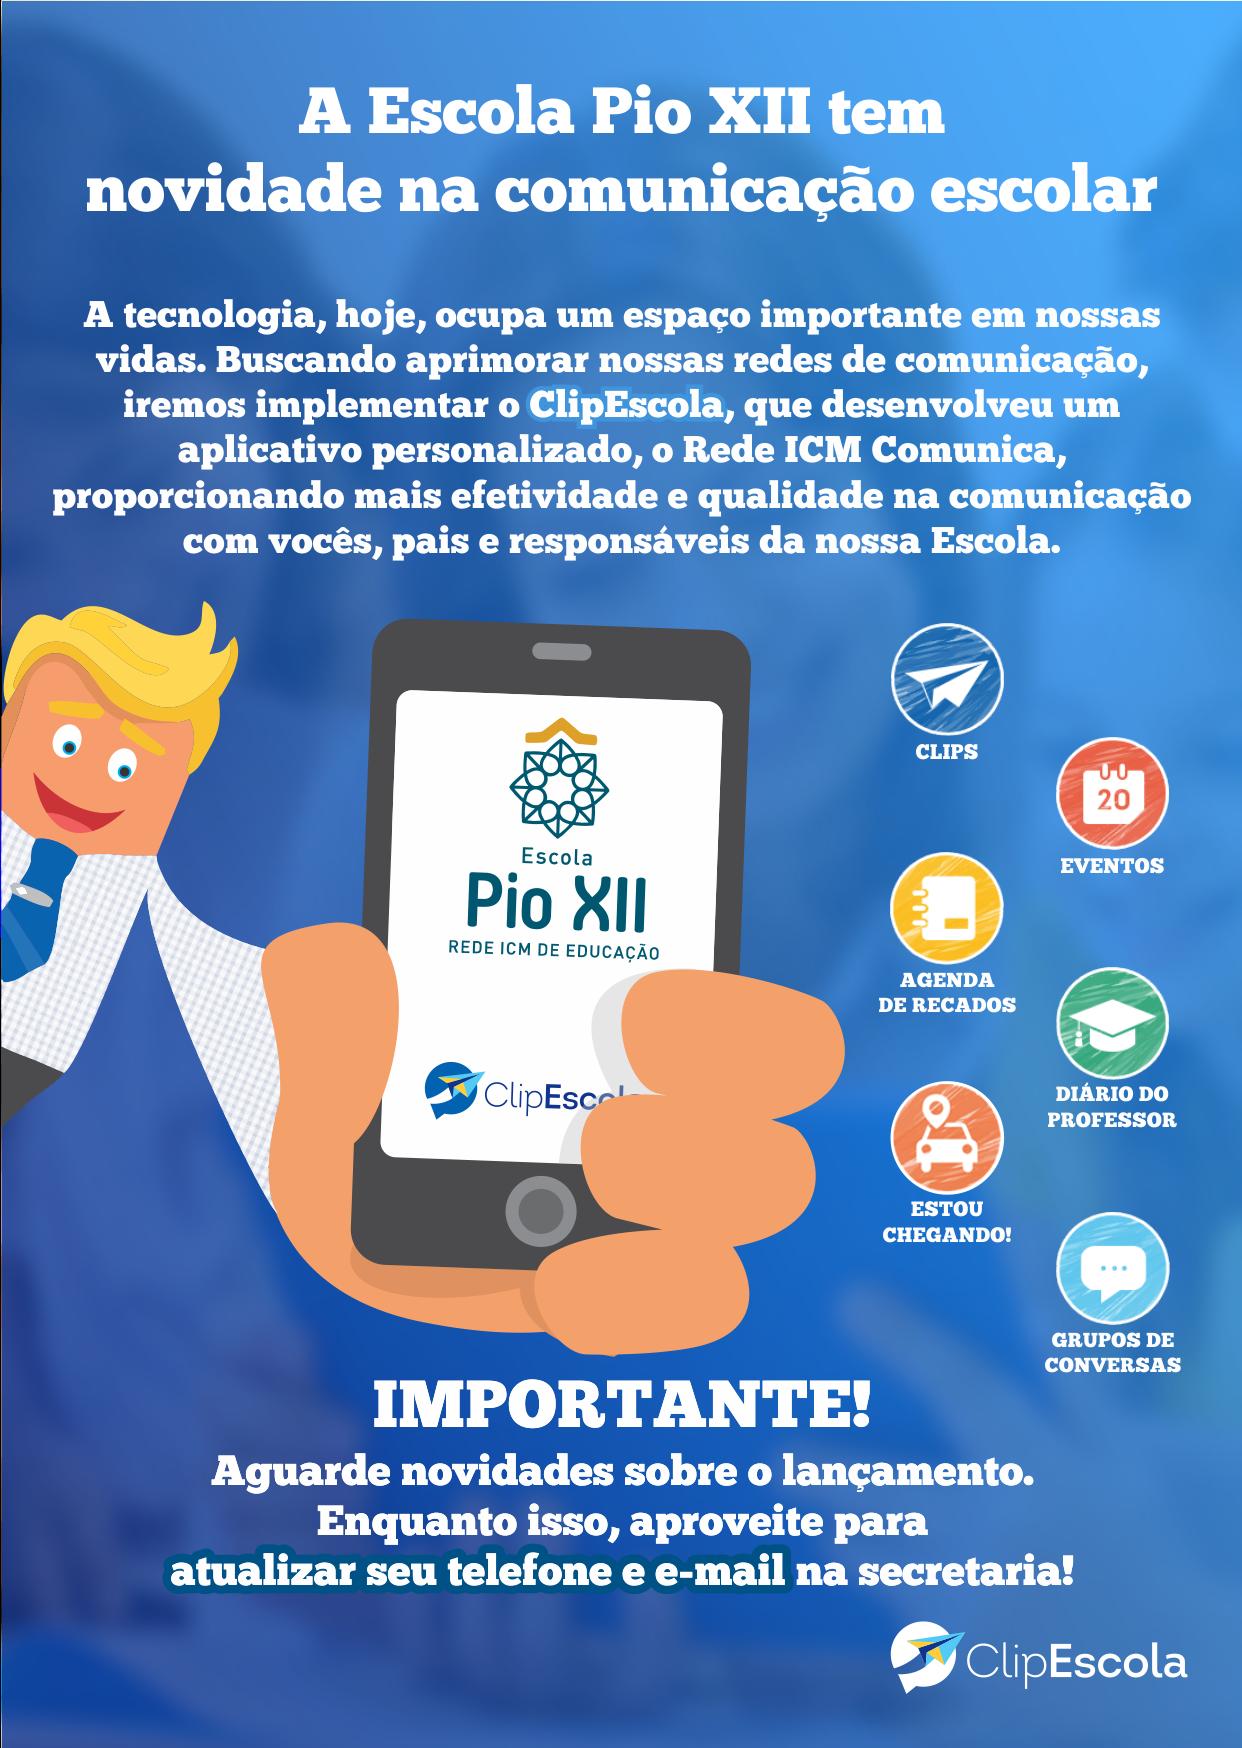 ClipEscola – Clique e saiba como receber informações da Escola no seu telefone …